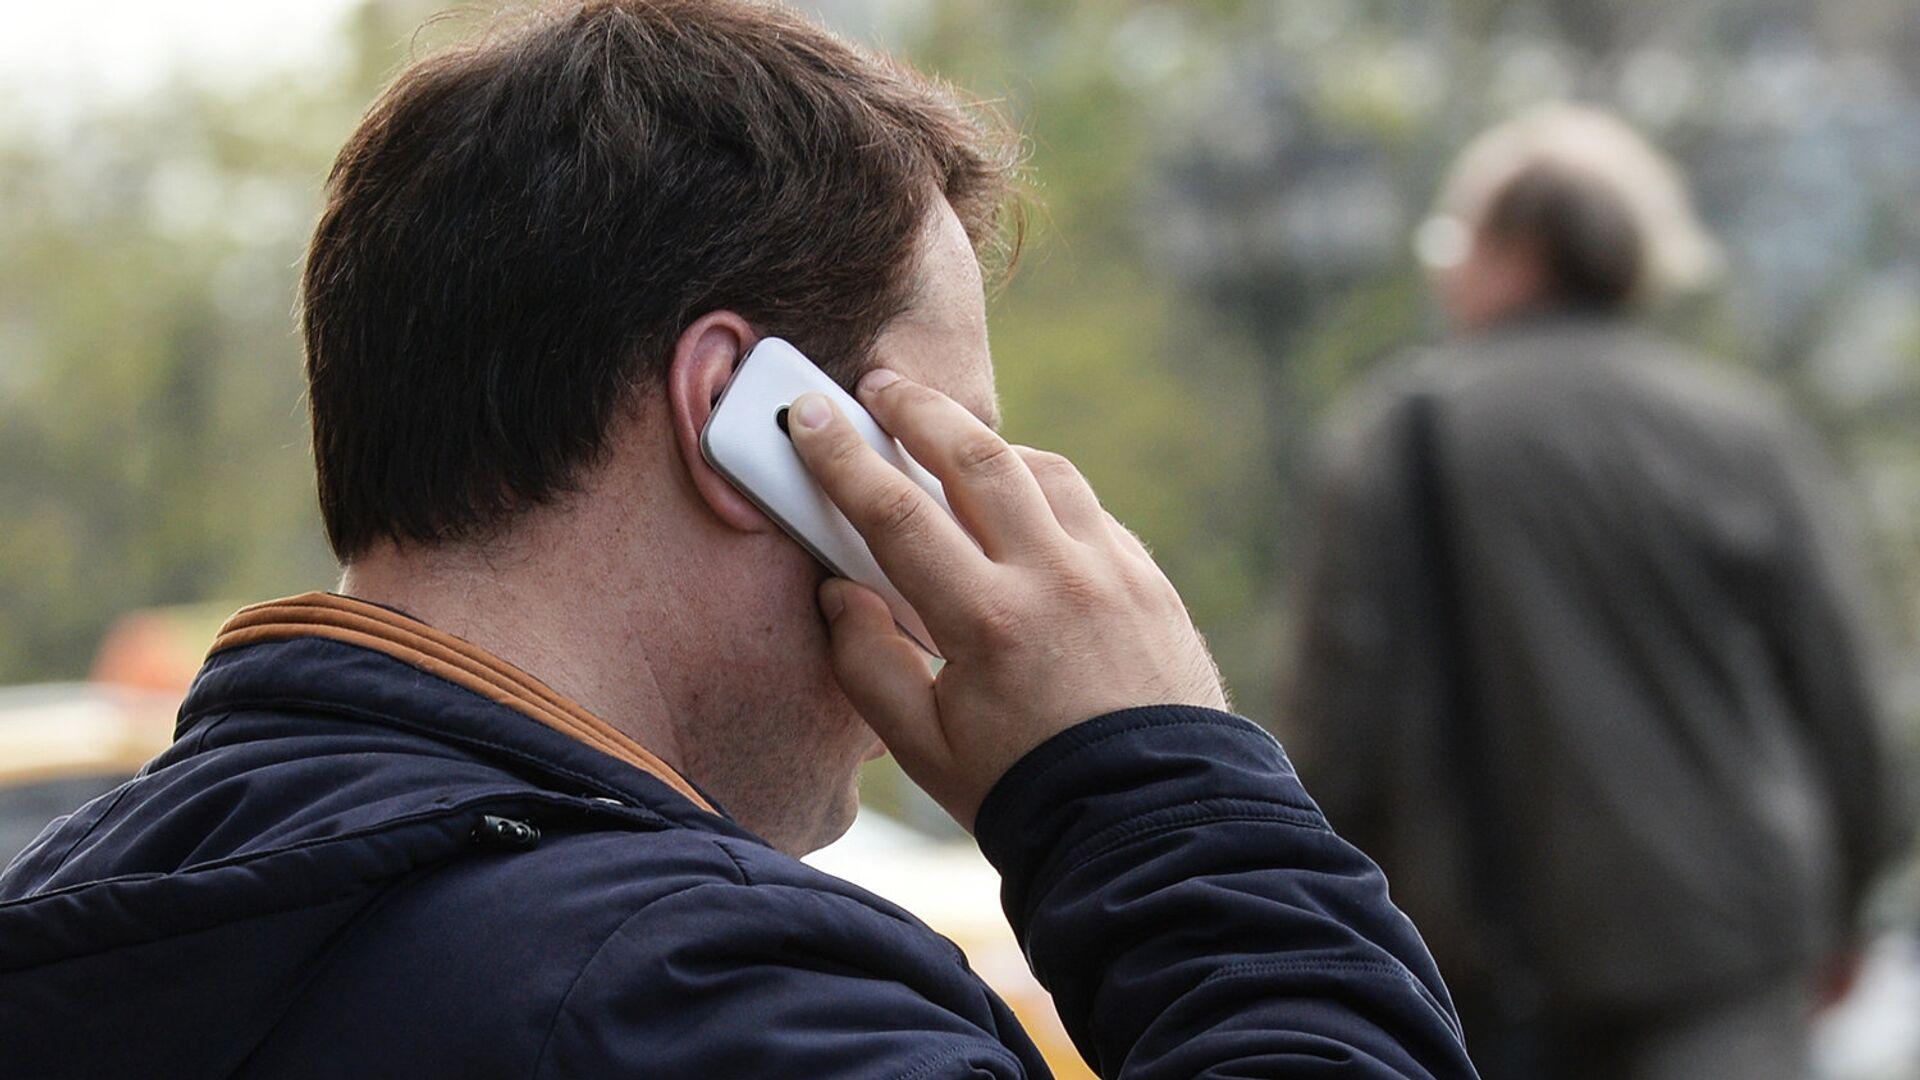 Мужчина говорит по телефону. Архивное фото - РИА Новости, 1920, 24.09.2020